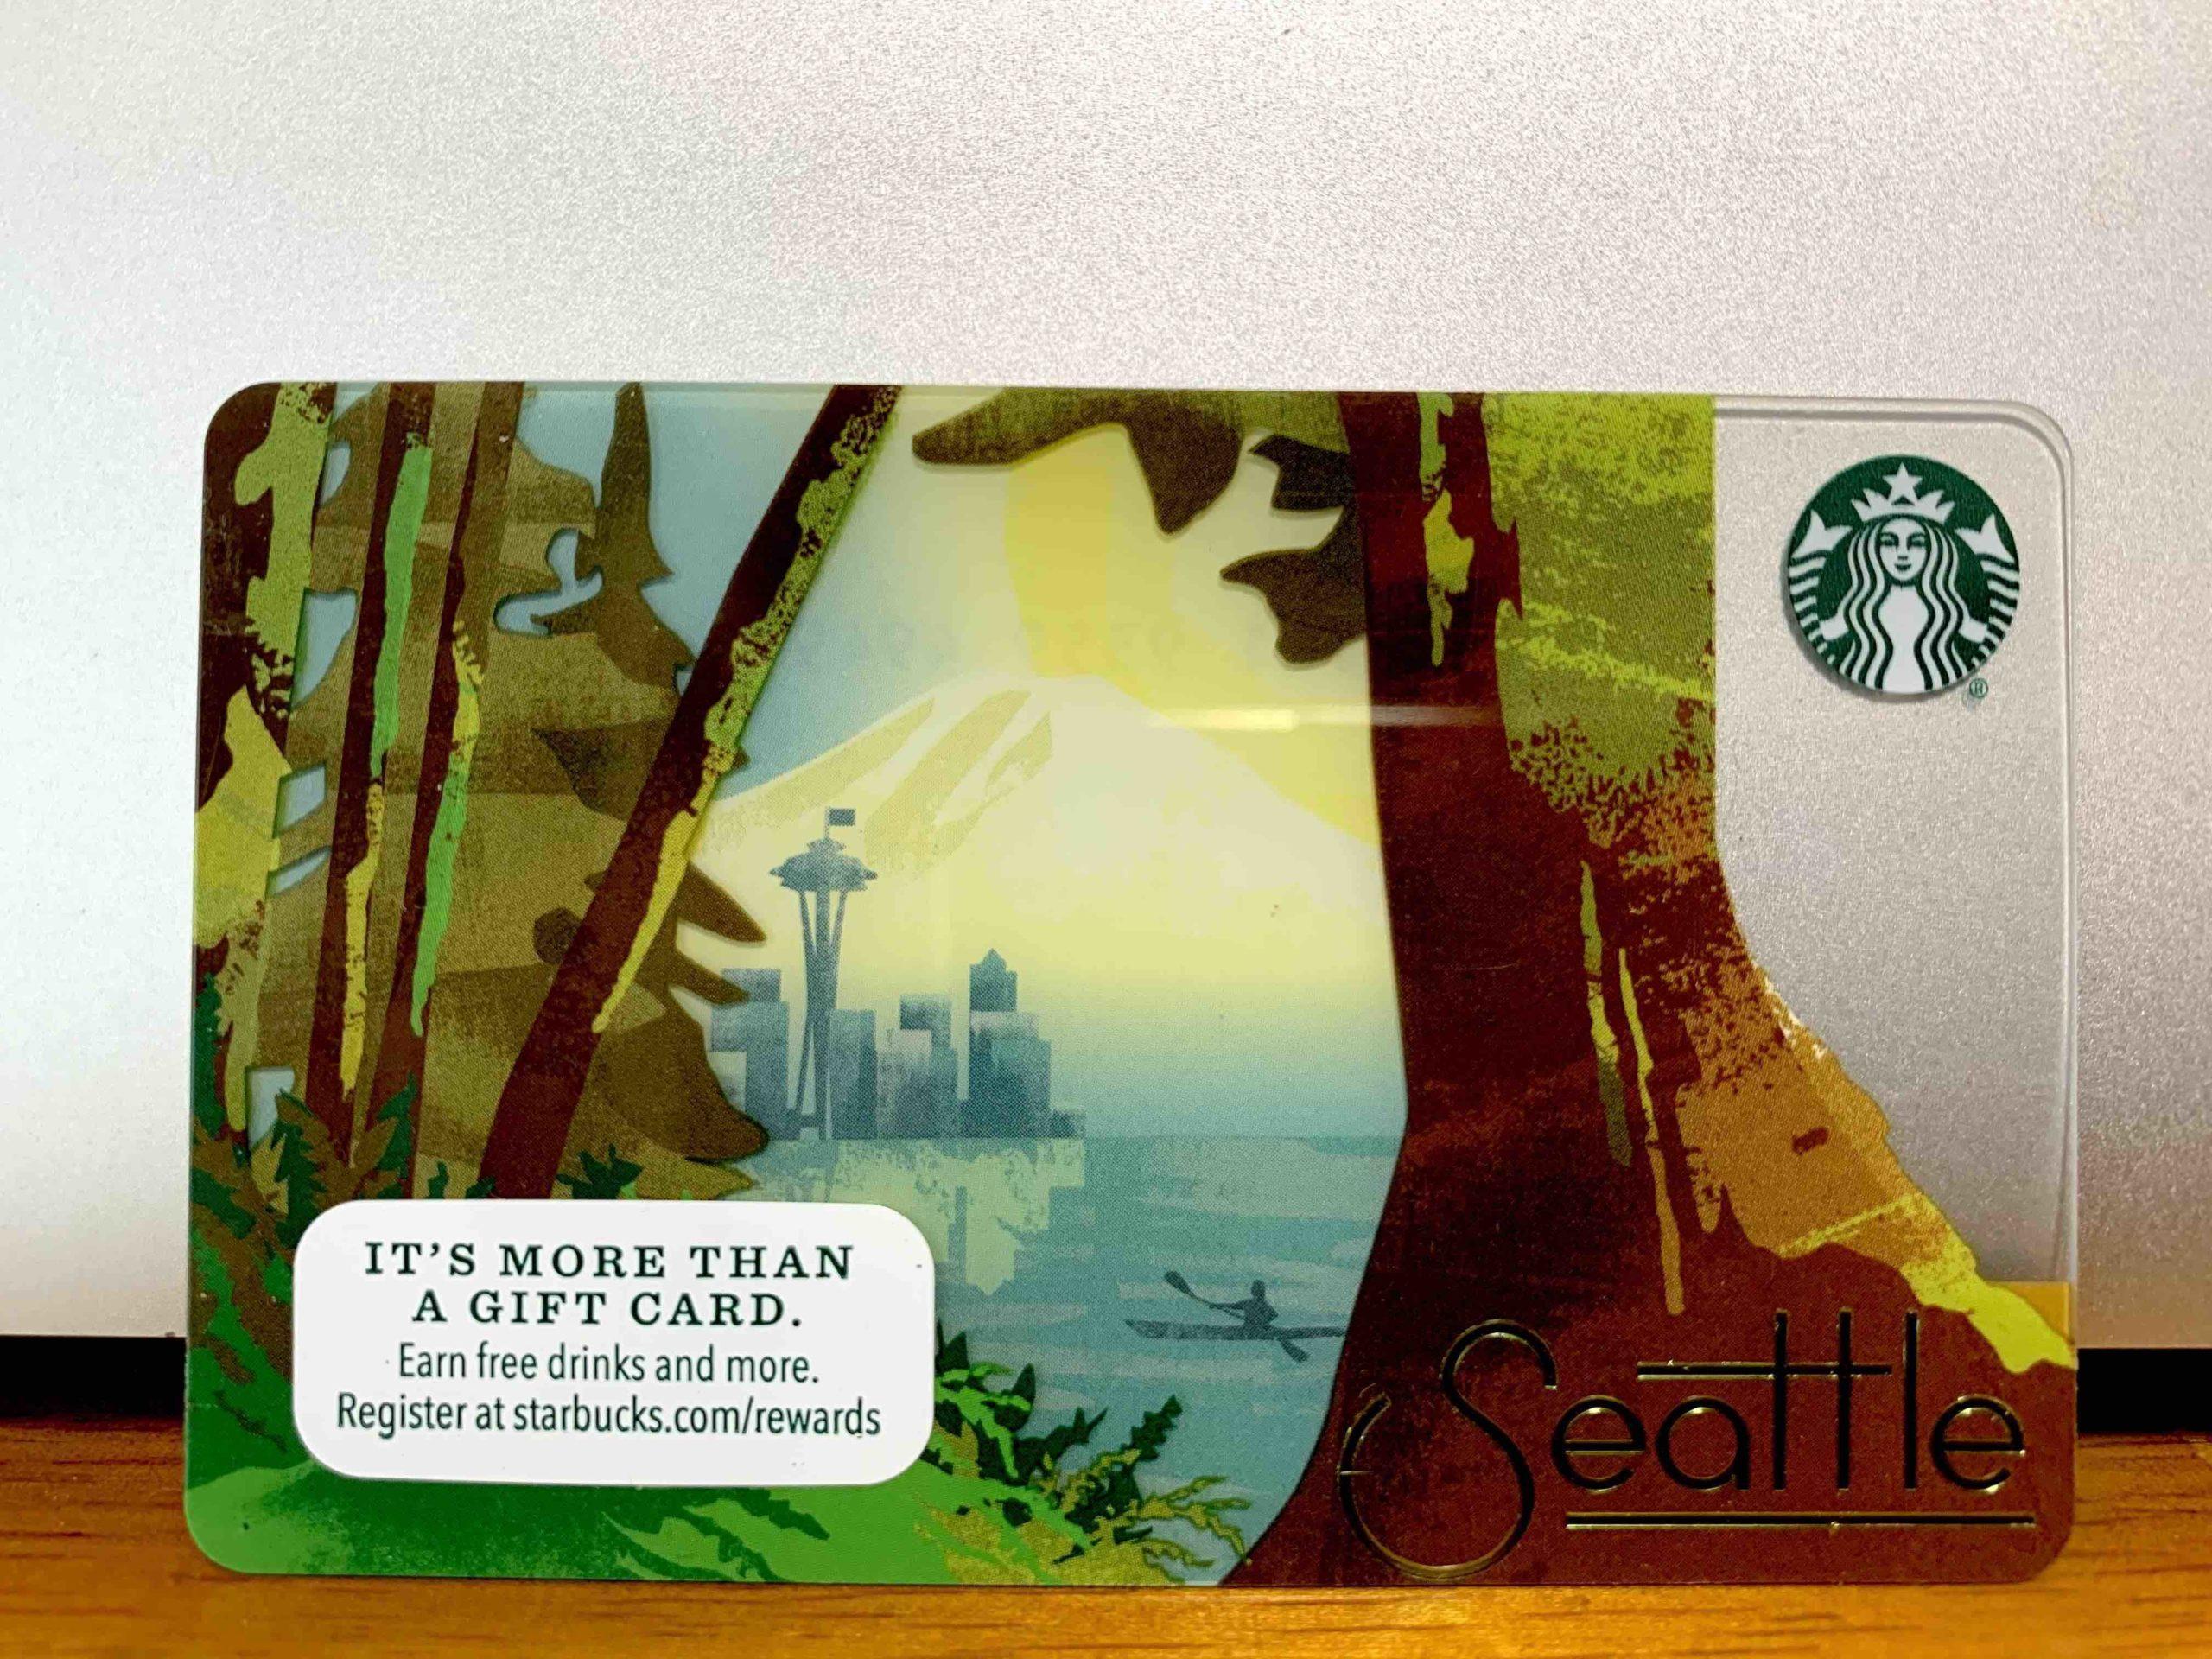 シアトルのスタバカード